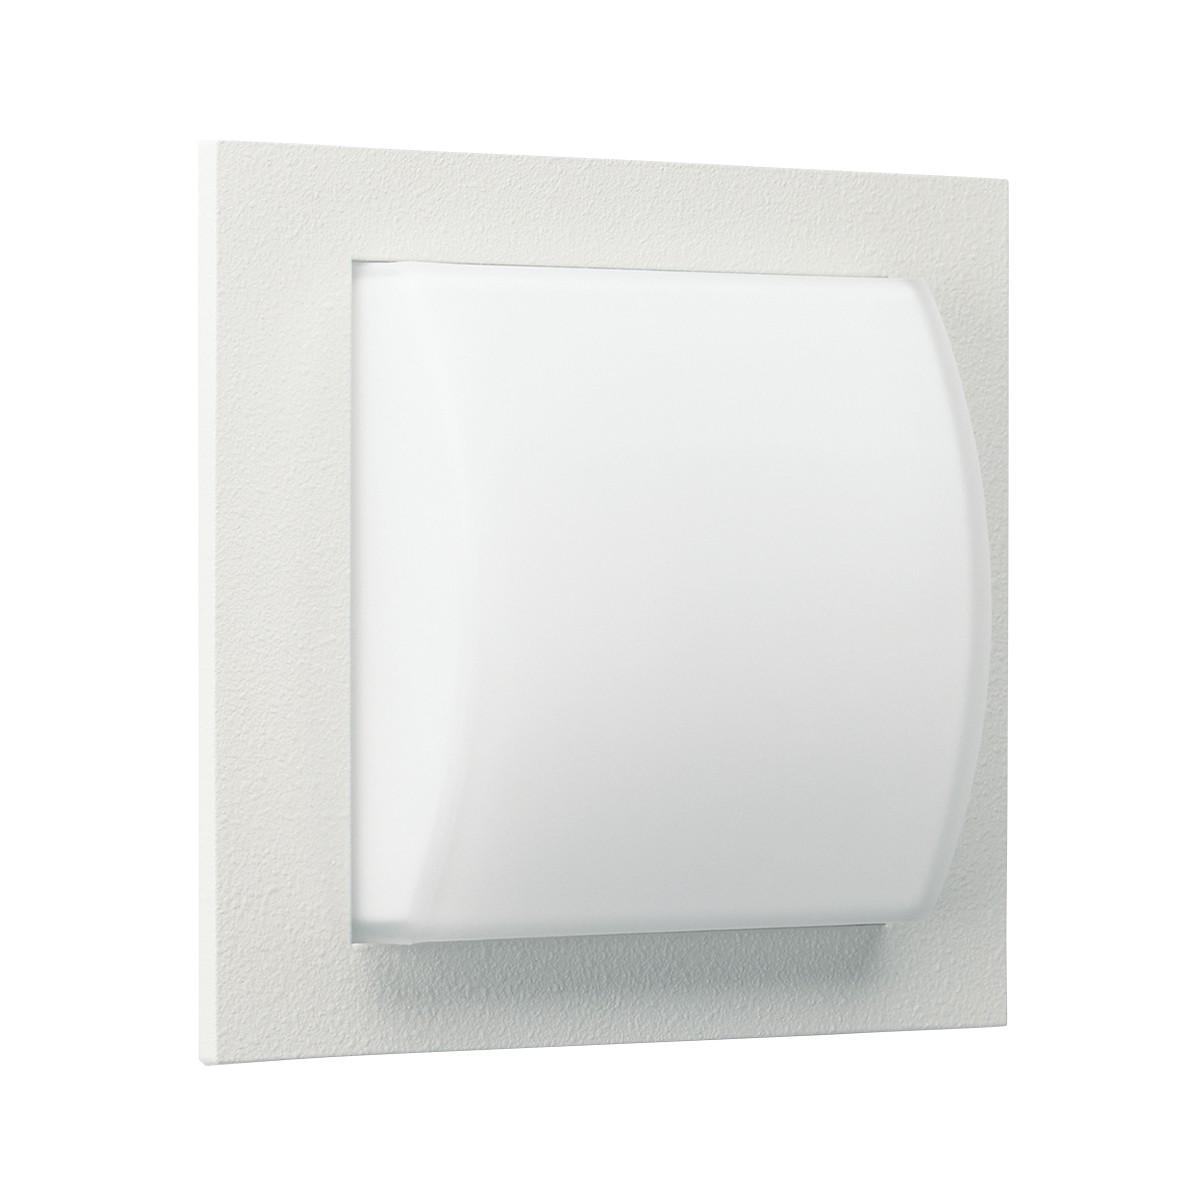 Albert 6209 Wand- / Deckenleuchte, weiß